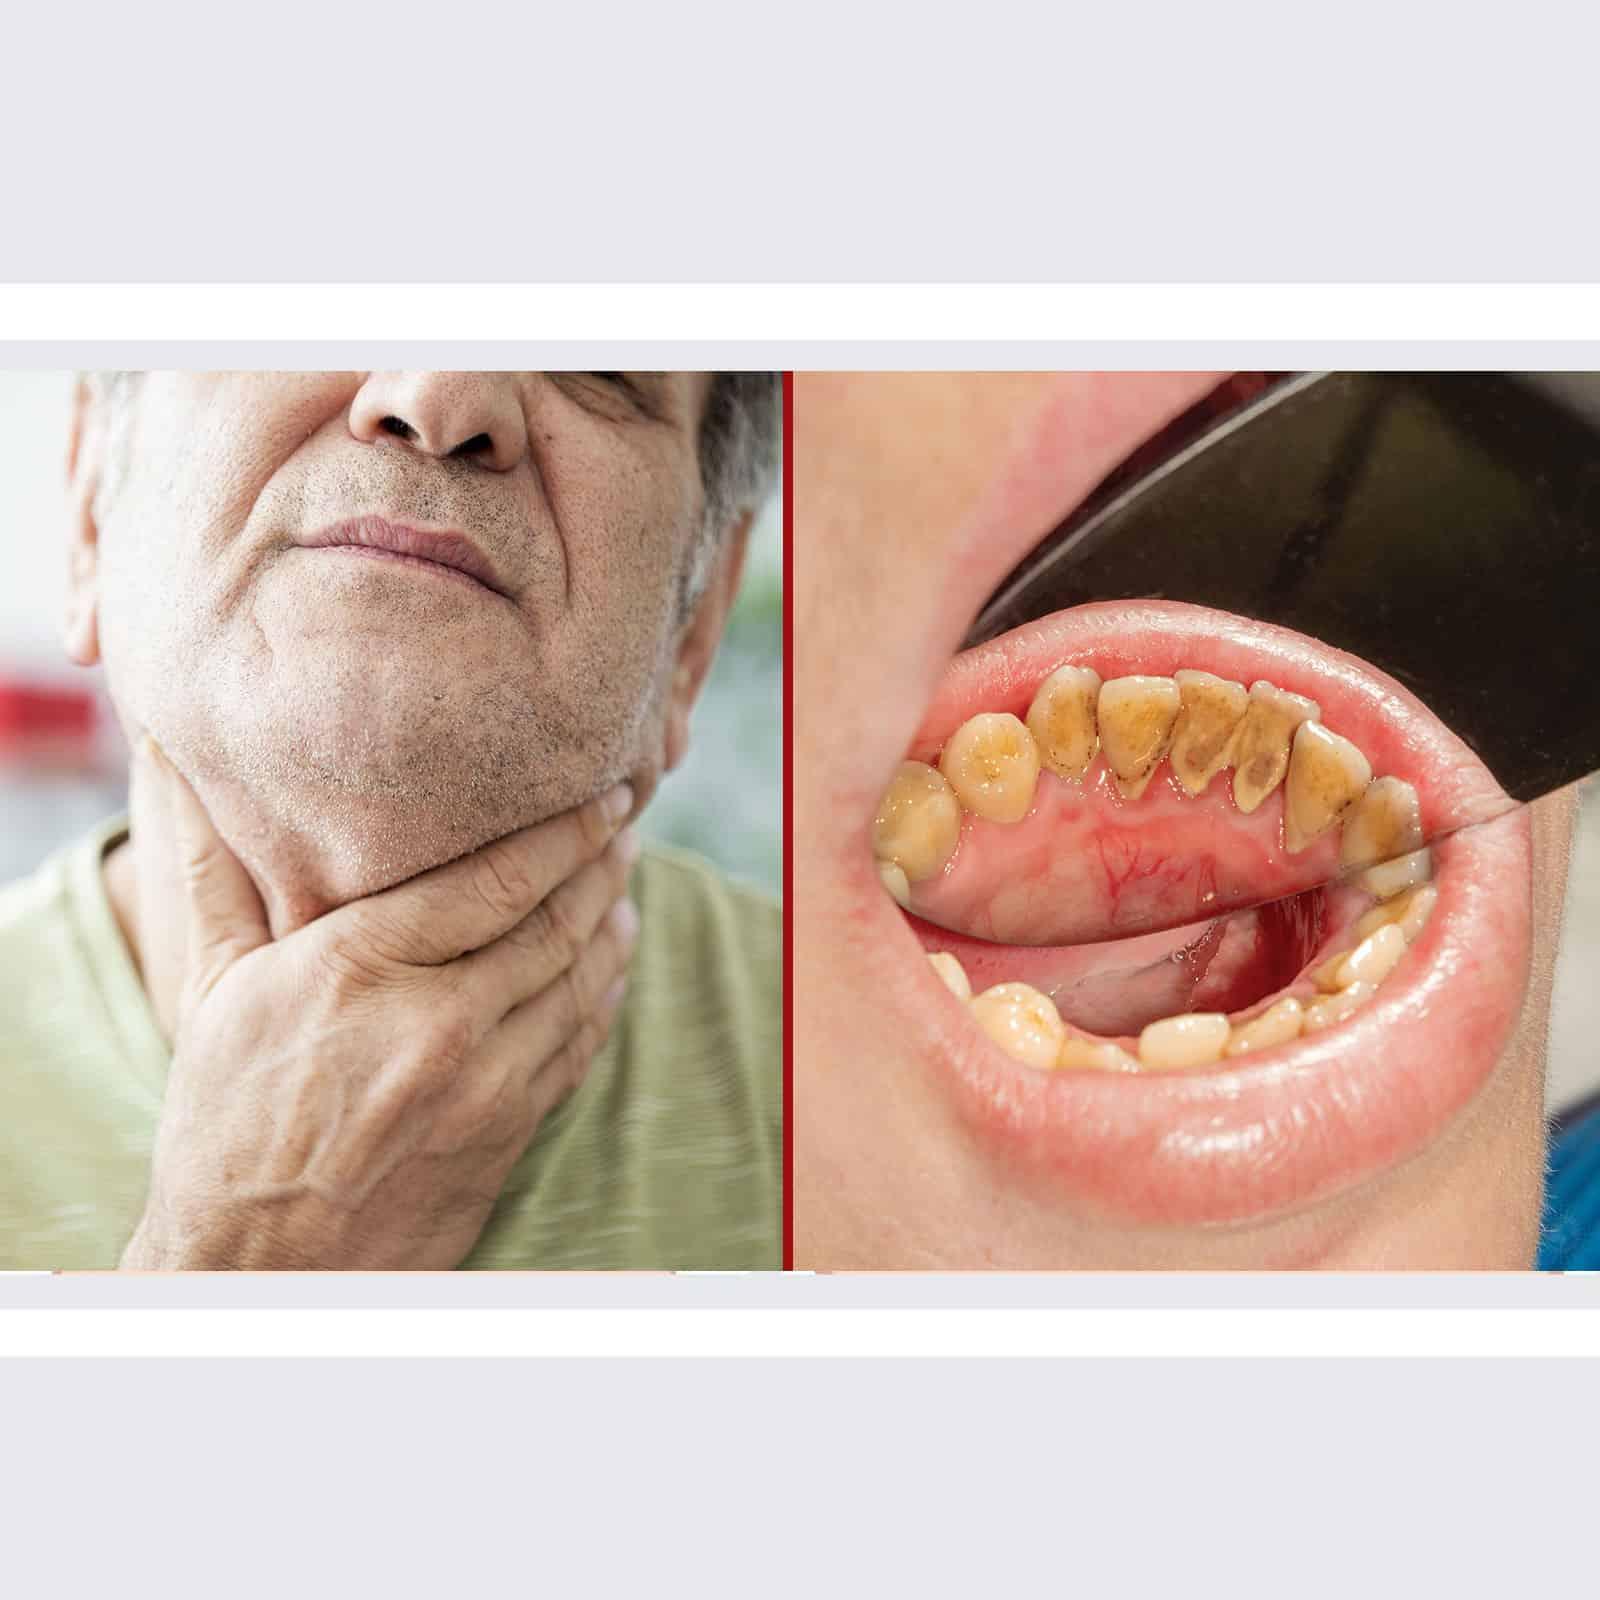 remove papillomas and warts